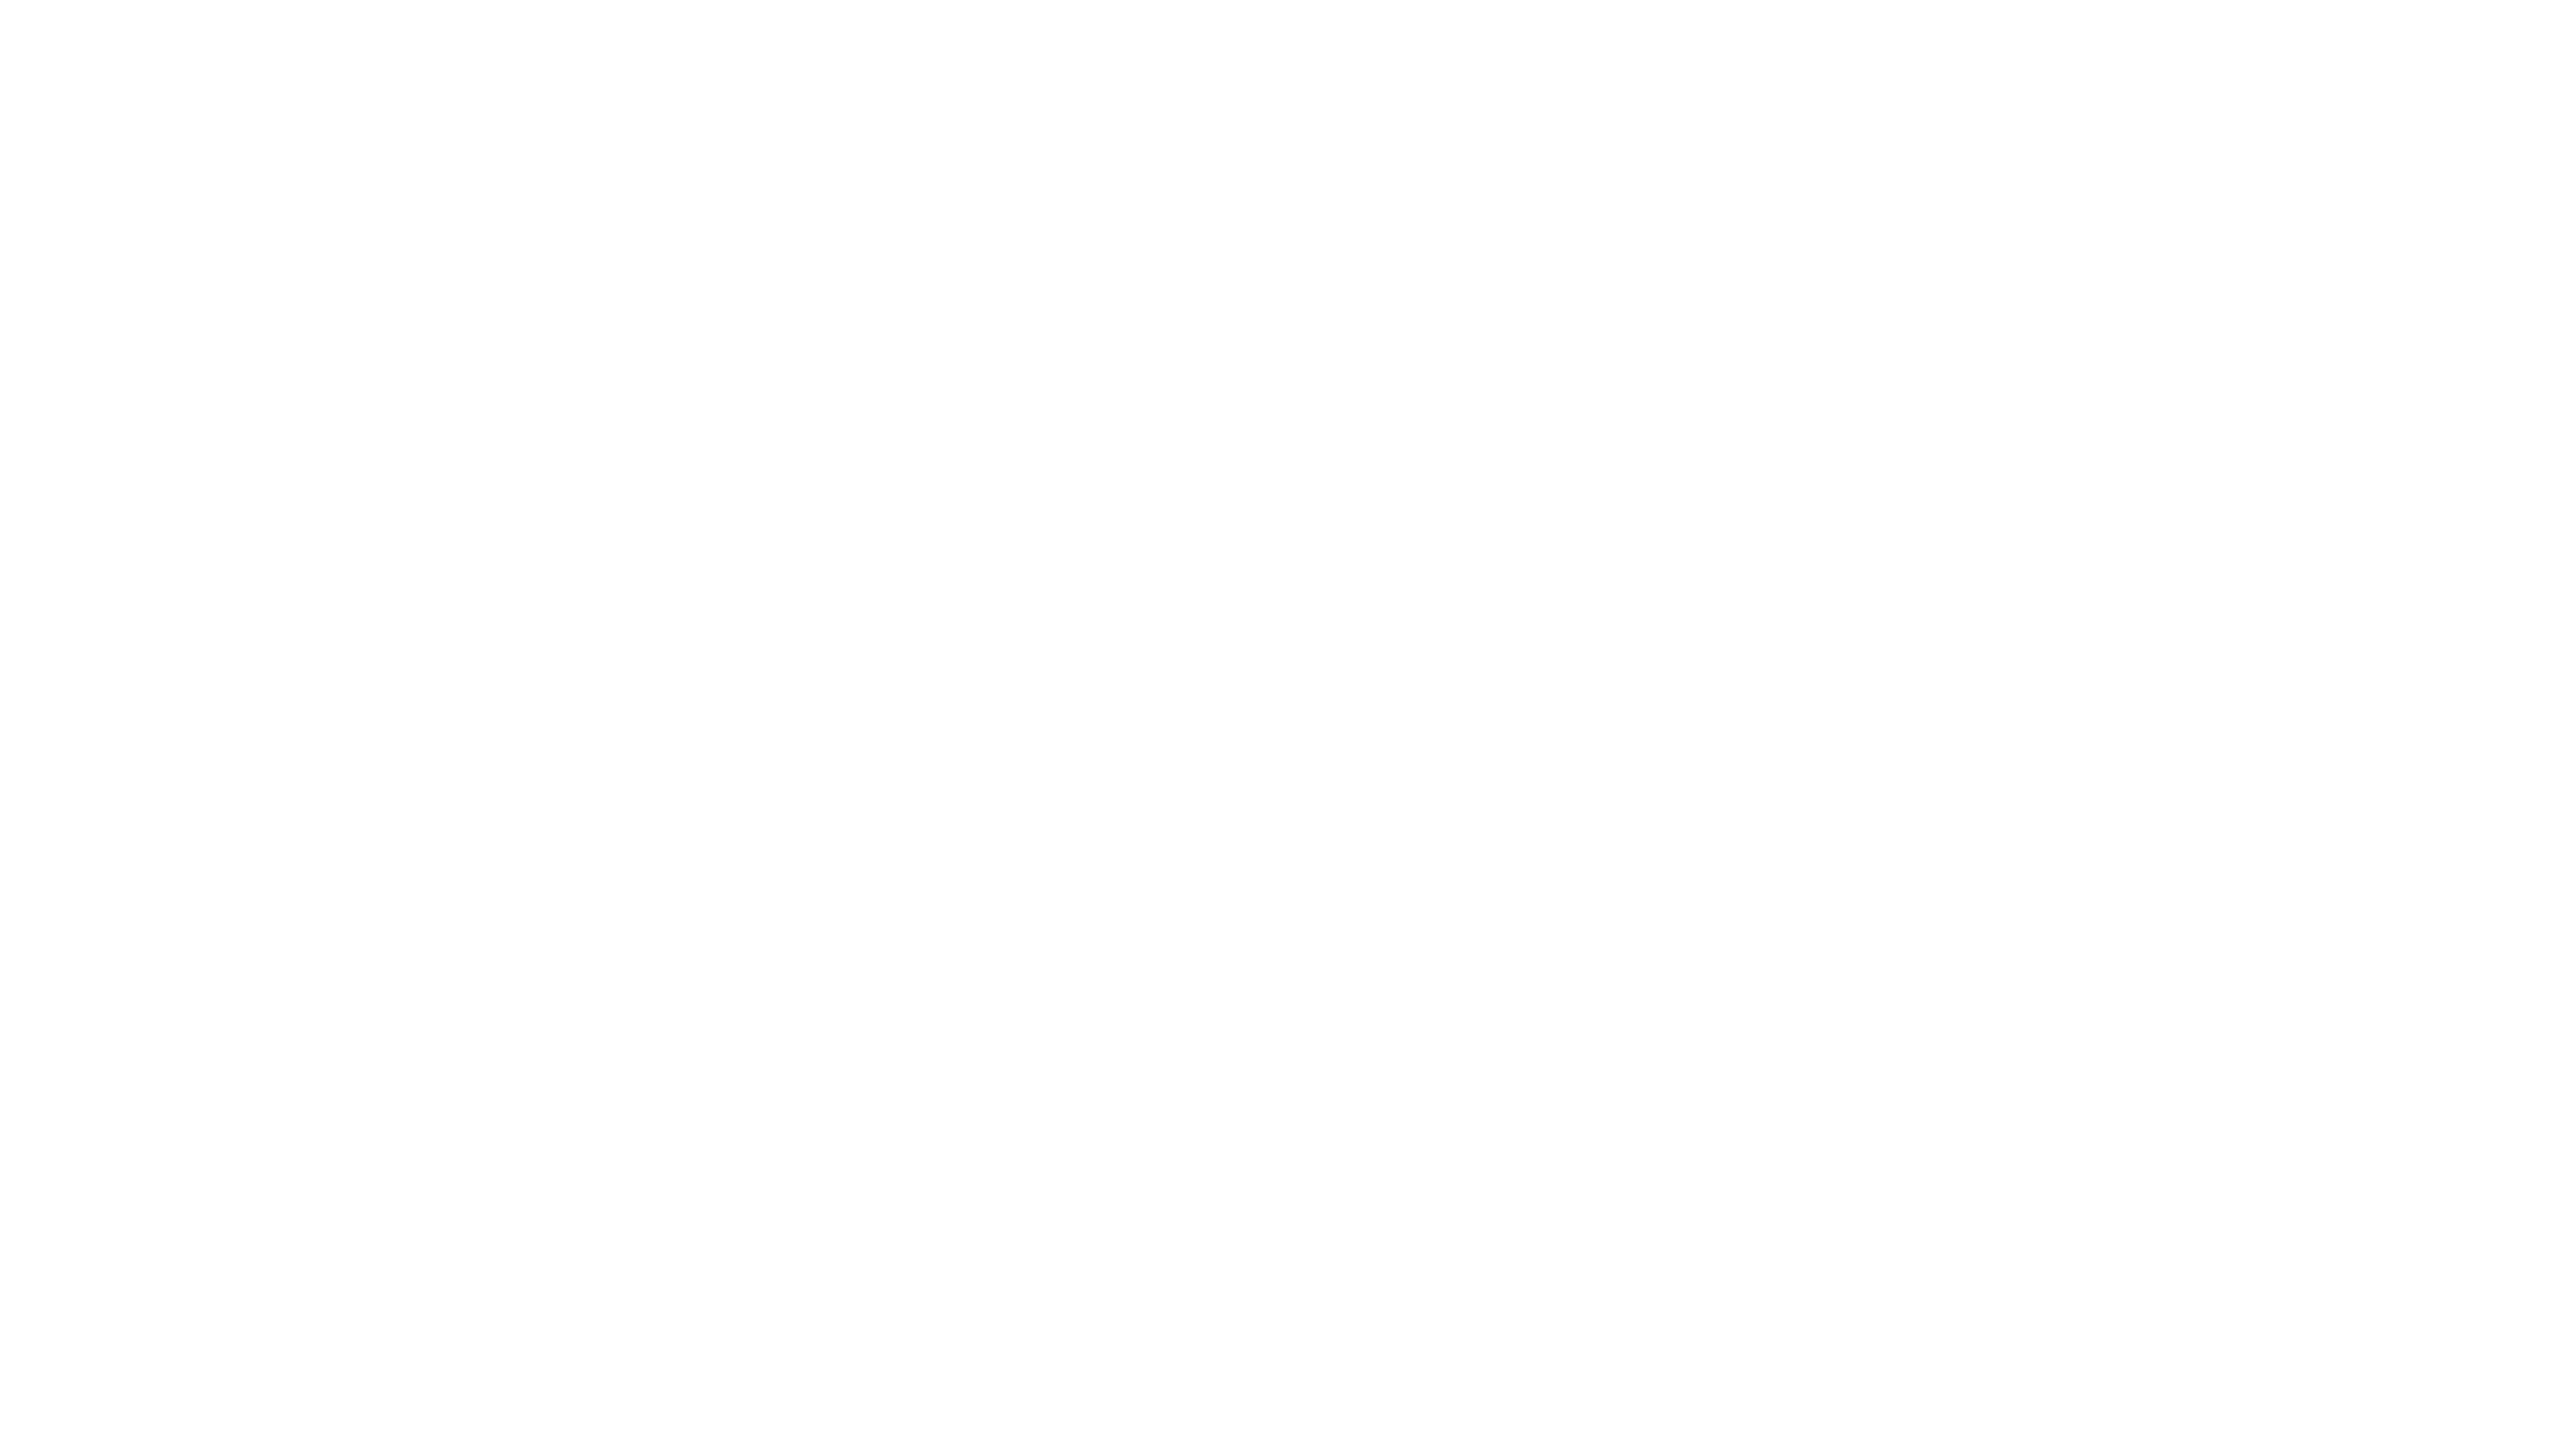 7:01 P.M.